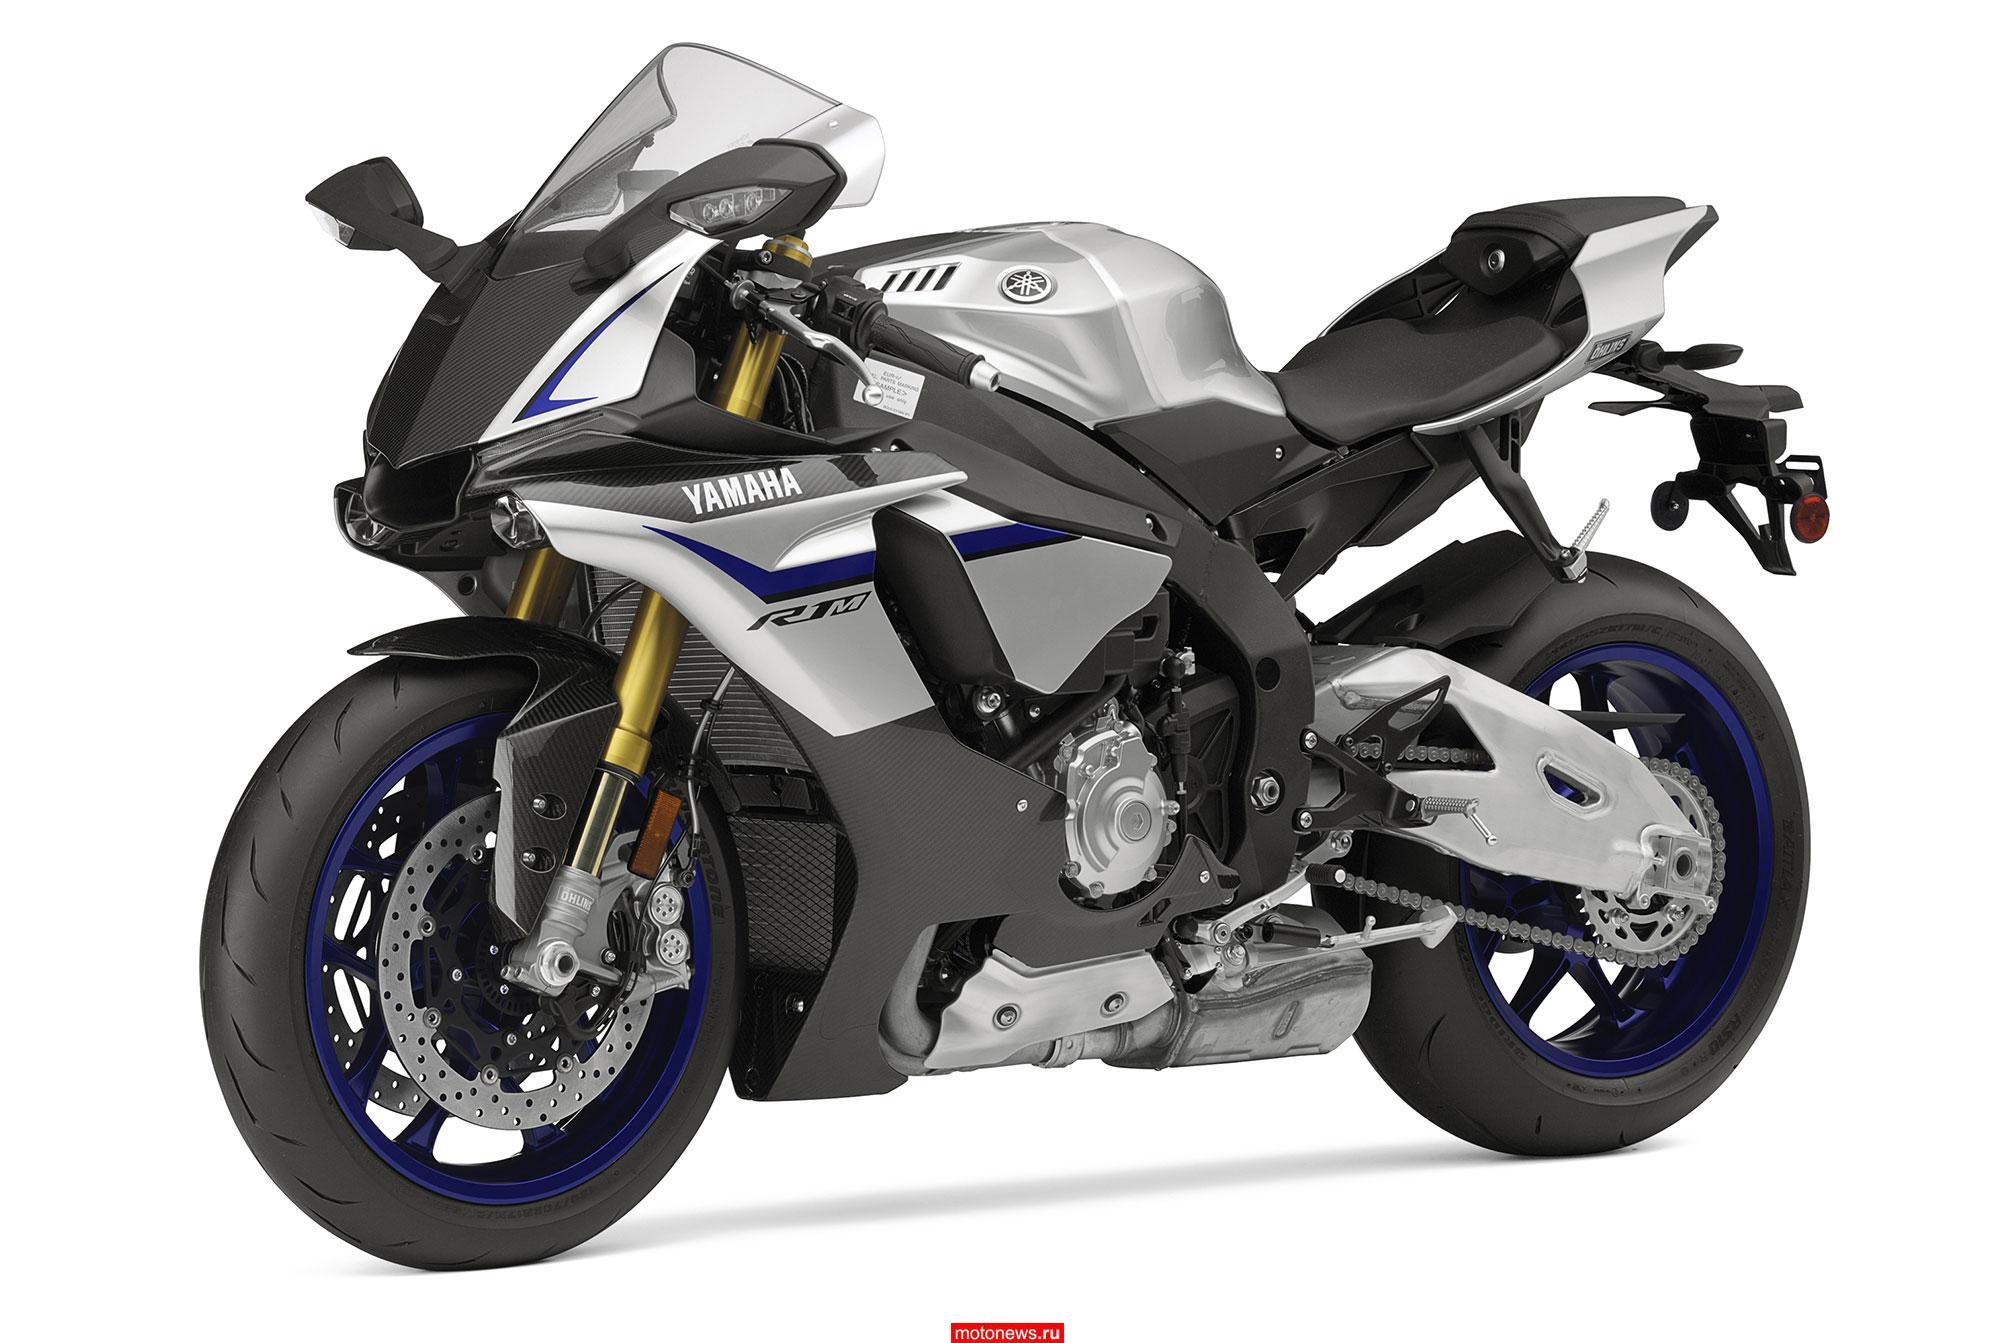 Об отзыве мотоциклов Yamaha YZF-R1M объявлено и в России